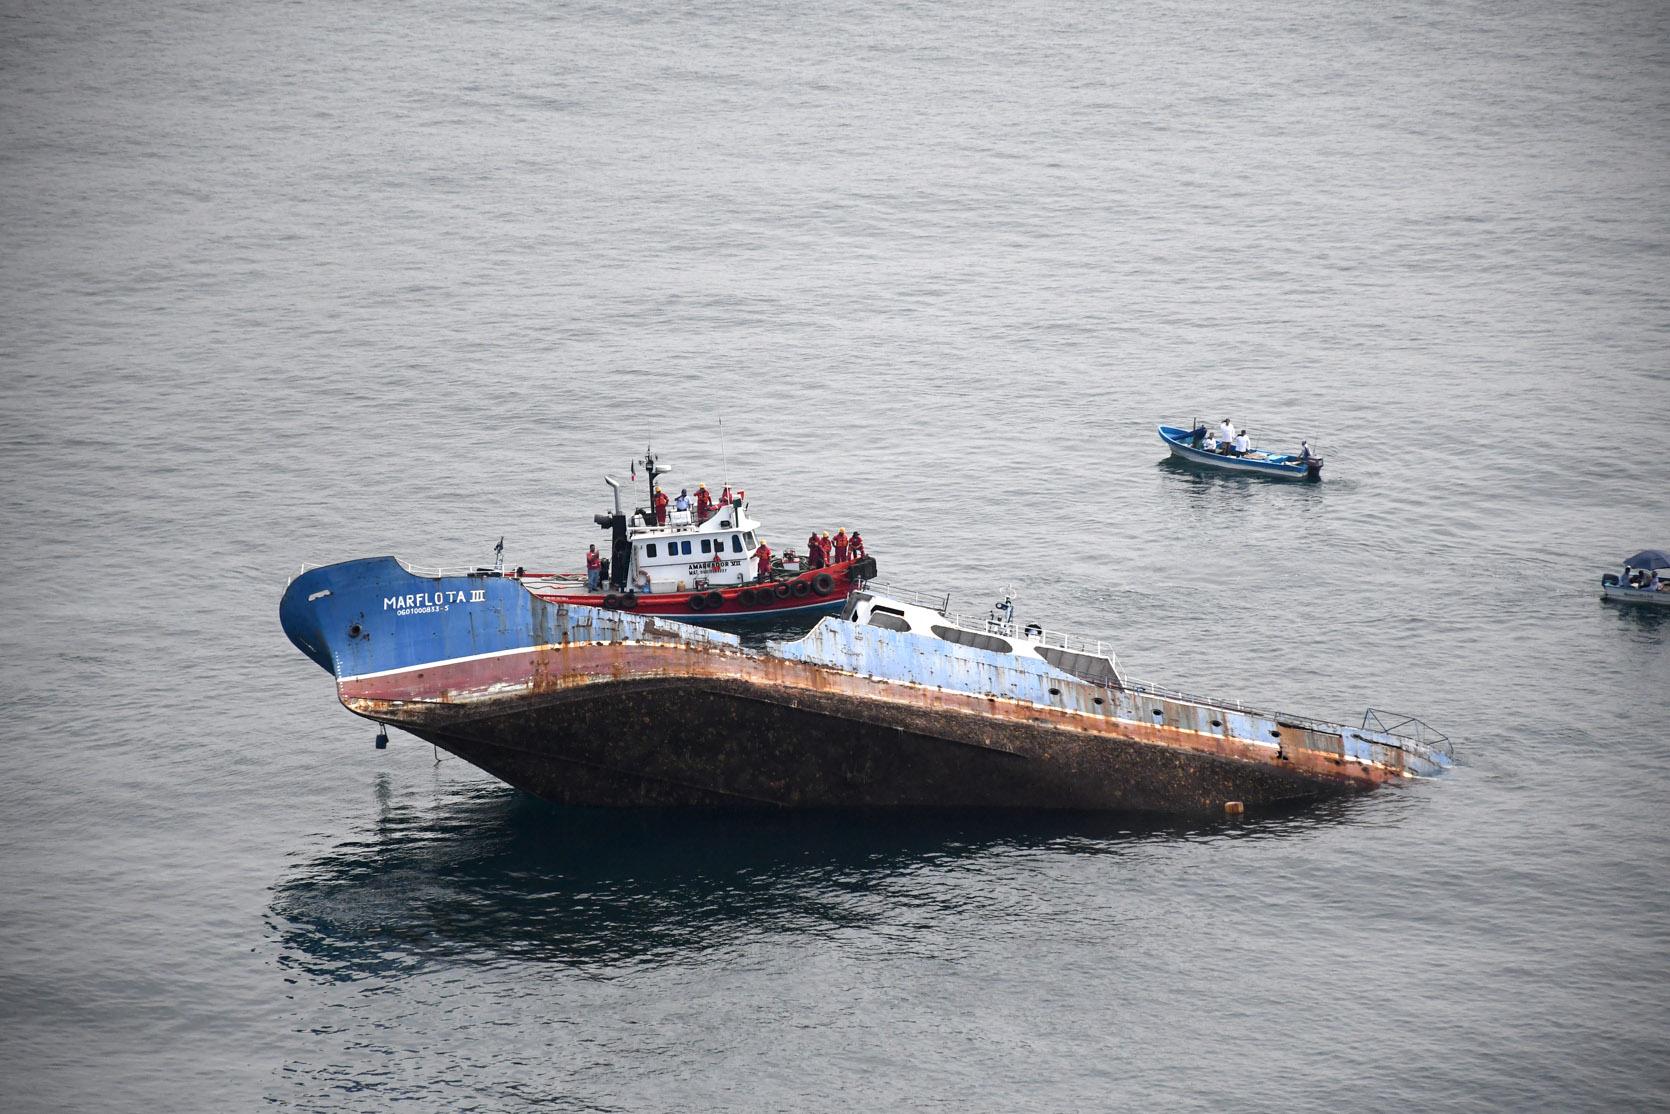 """Se hunde el buque """"Marflota III""""  en costas de Manzanillo"""